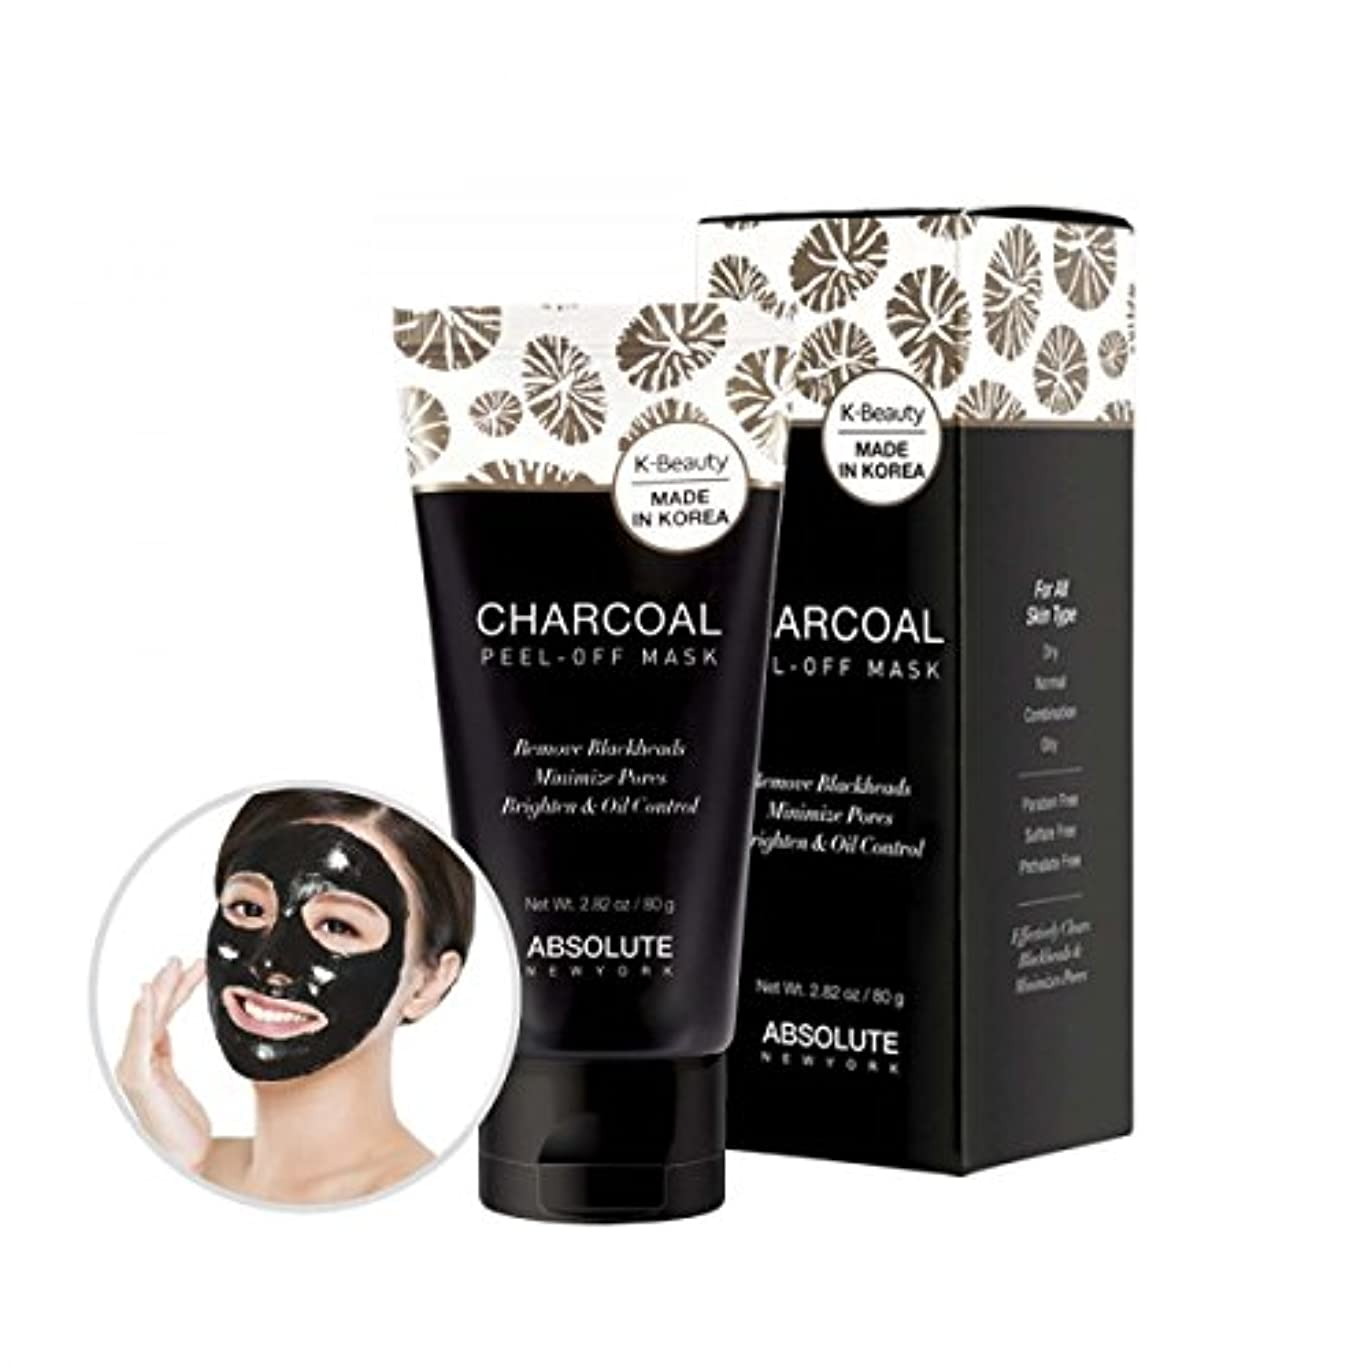 マウスピース廃棄階下ABSOLUTE Charcoal Peel-Off Mask (並行輸入品)